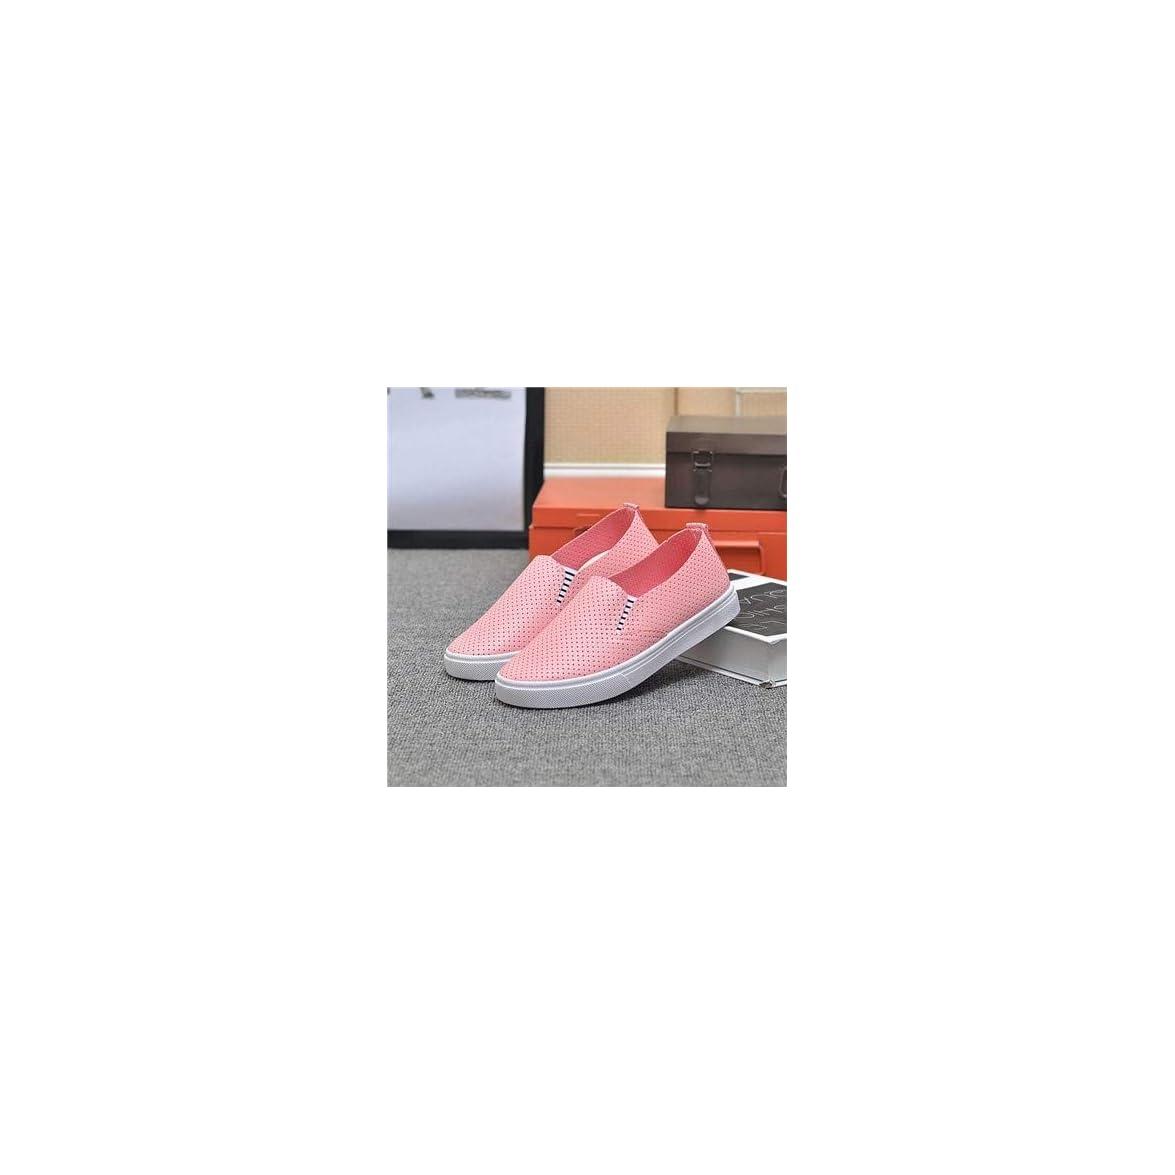 Ysfu Sneaker Sneakers Da Donna Autunno Scarpe Basse Traspiranti Morbide Comode Sportive Leggere